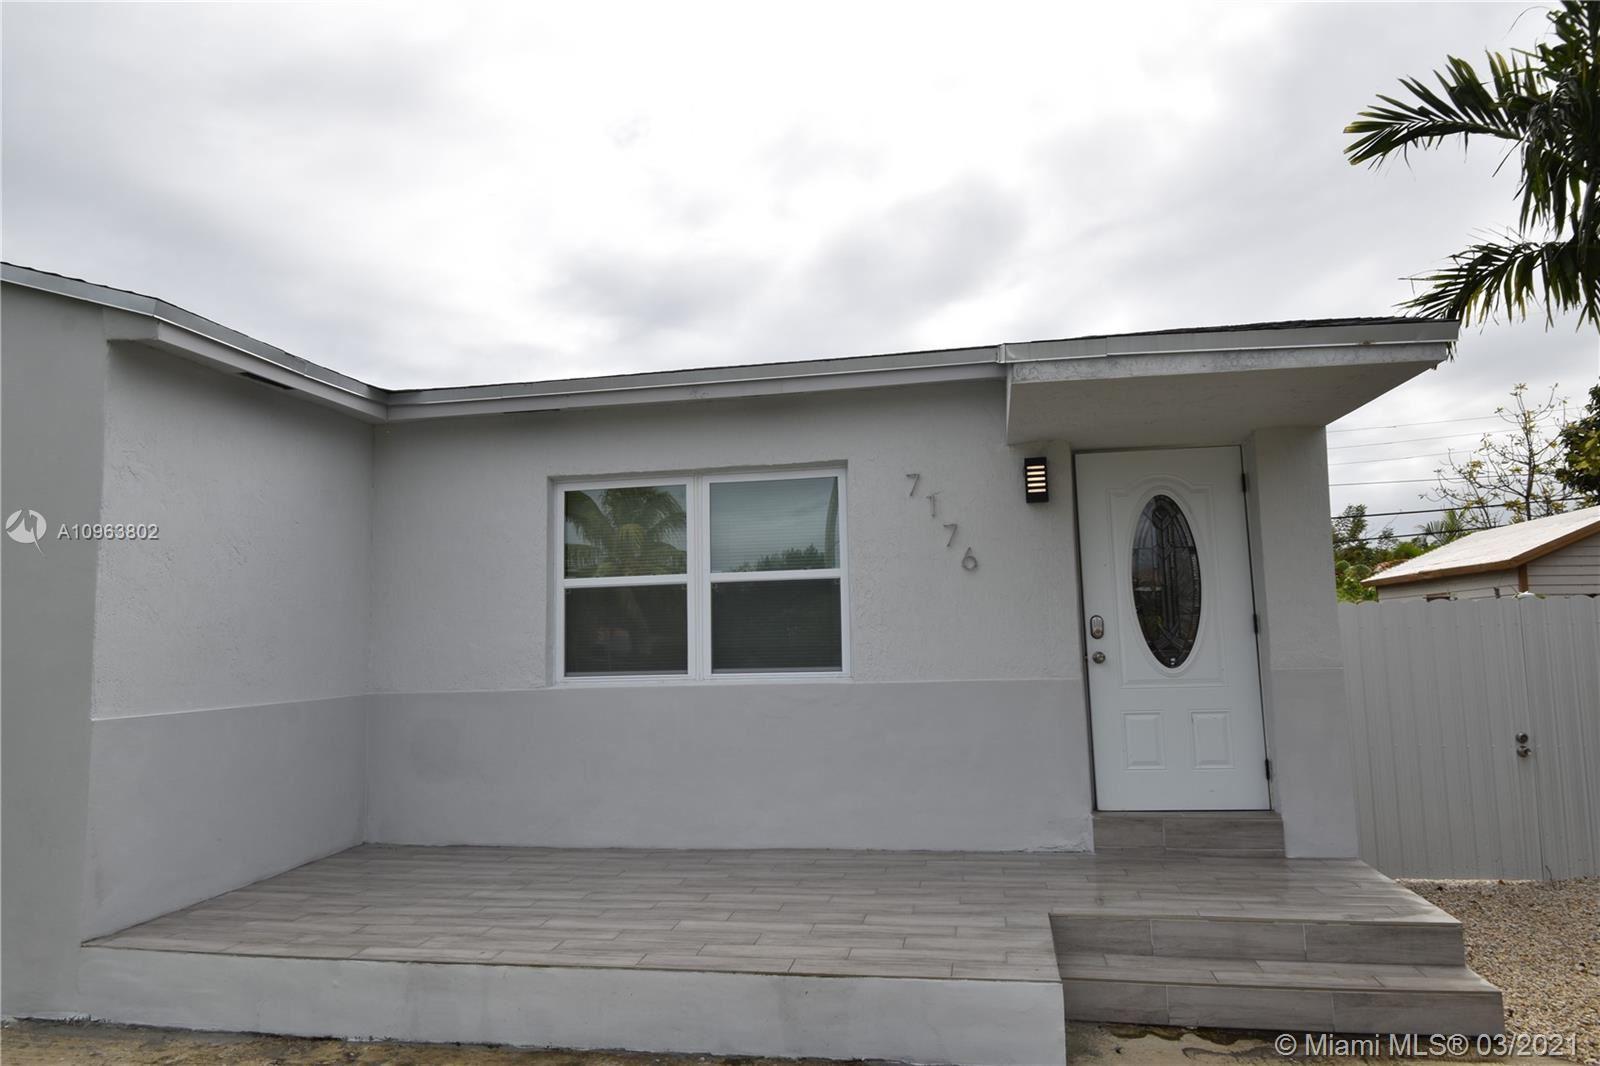 7176 SW 12th St, Miami, FL 33144 - #: A10963802